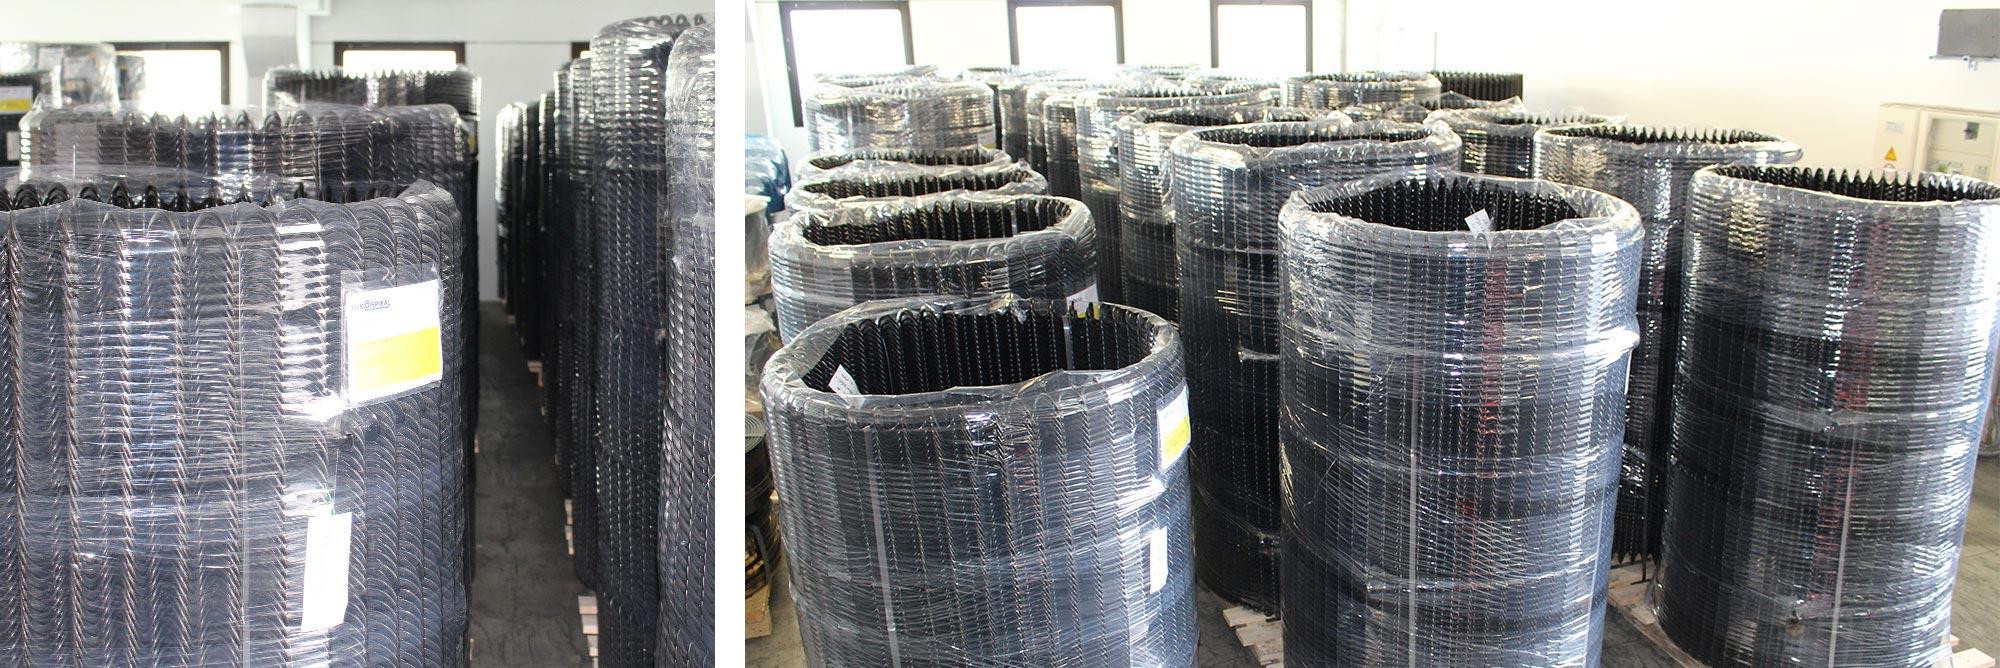 Spirali flessibili in acciaio per trasporto cippato, biomasse per caldaie e mangimi per impianti zootecnici di alimentazione automatica_gallery02